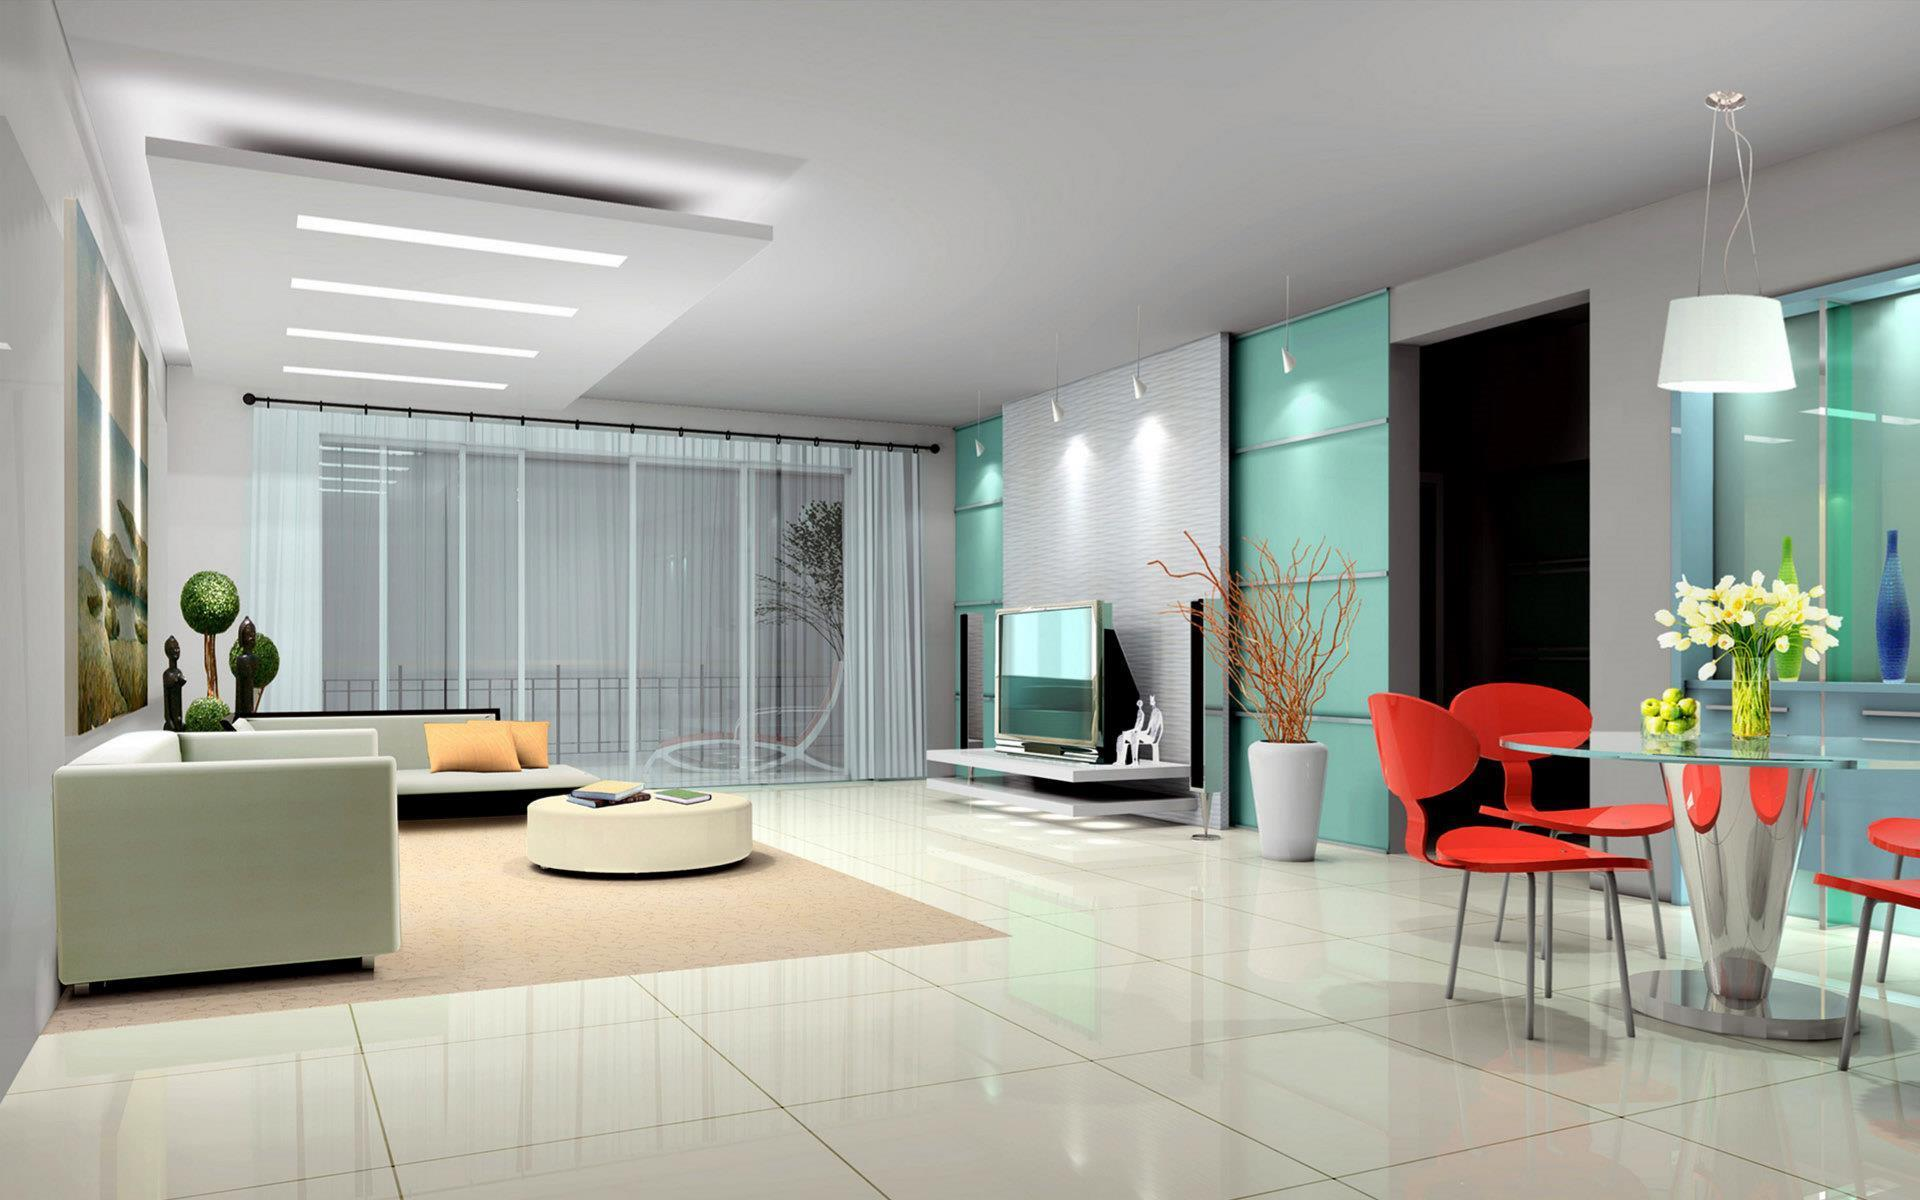 photographies-interieurs_des-decors-exeptionnels-et-modernes_10